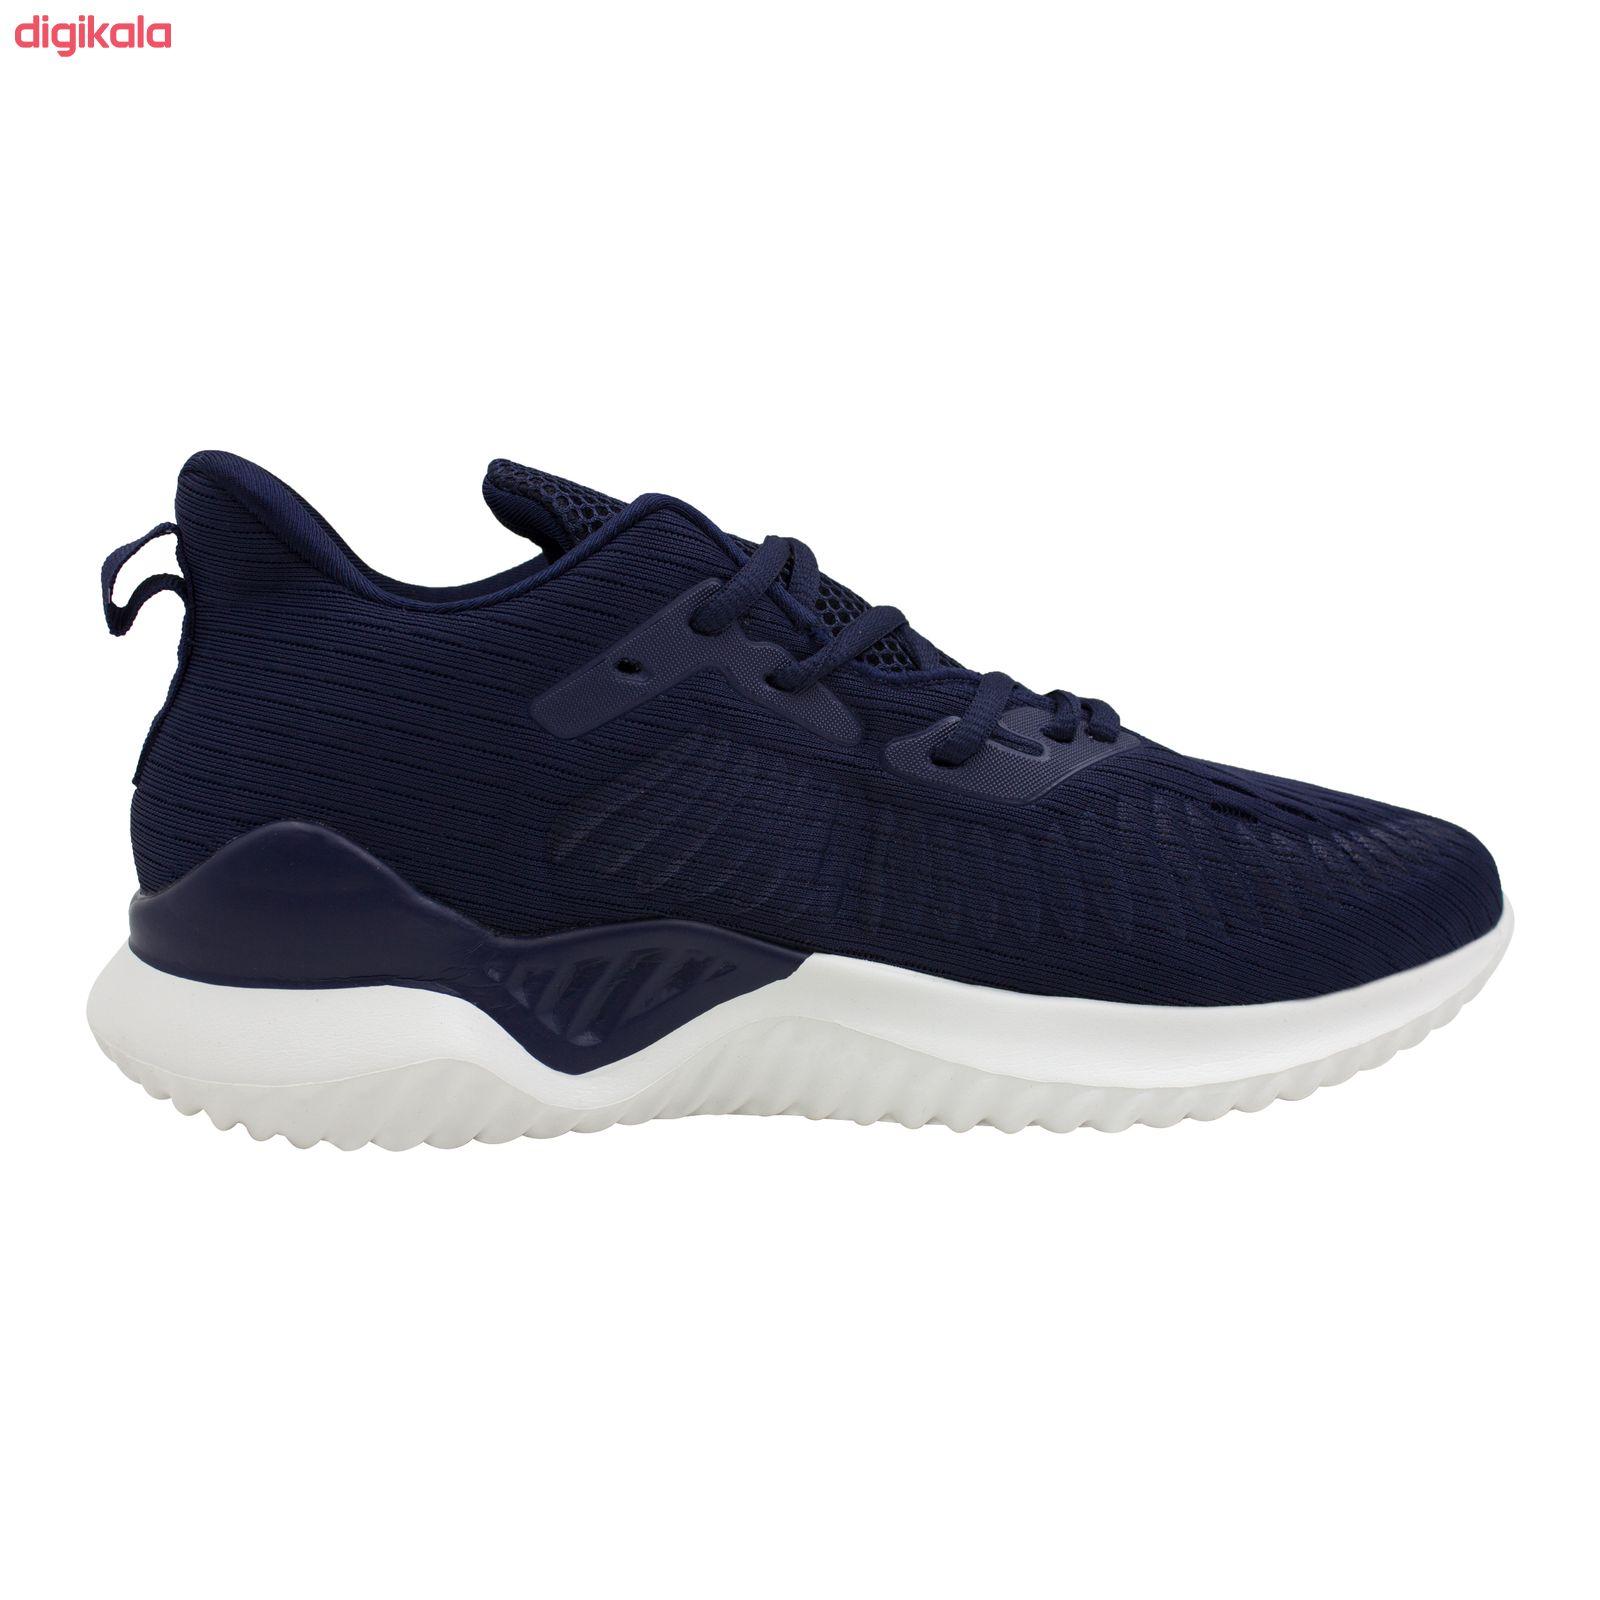 کفش مخصوص پیاده روی مردانه اسکای ویو مدل AIR COOLED